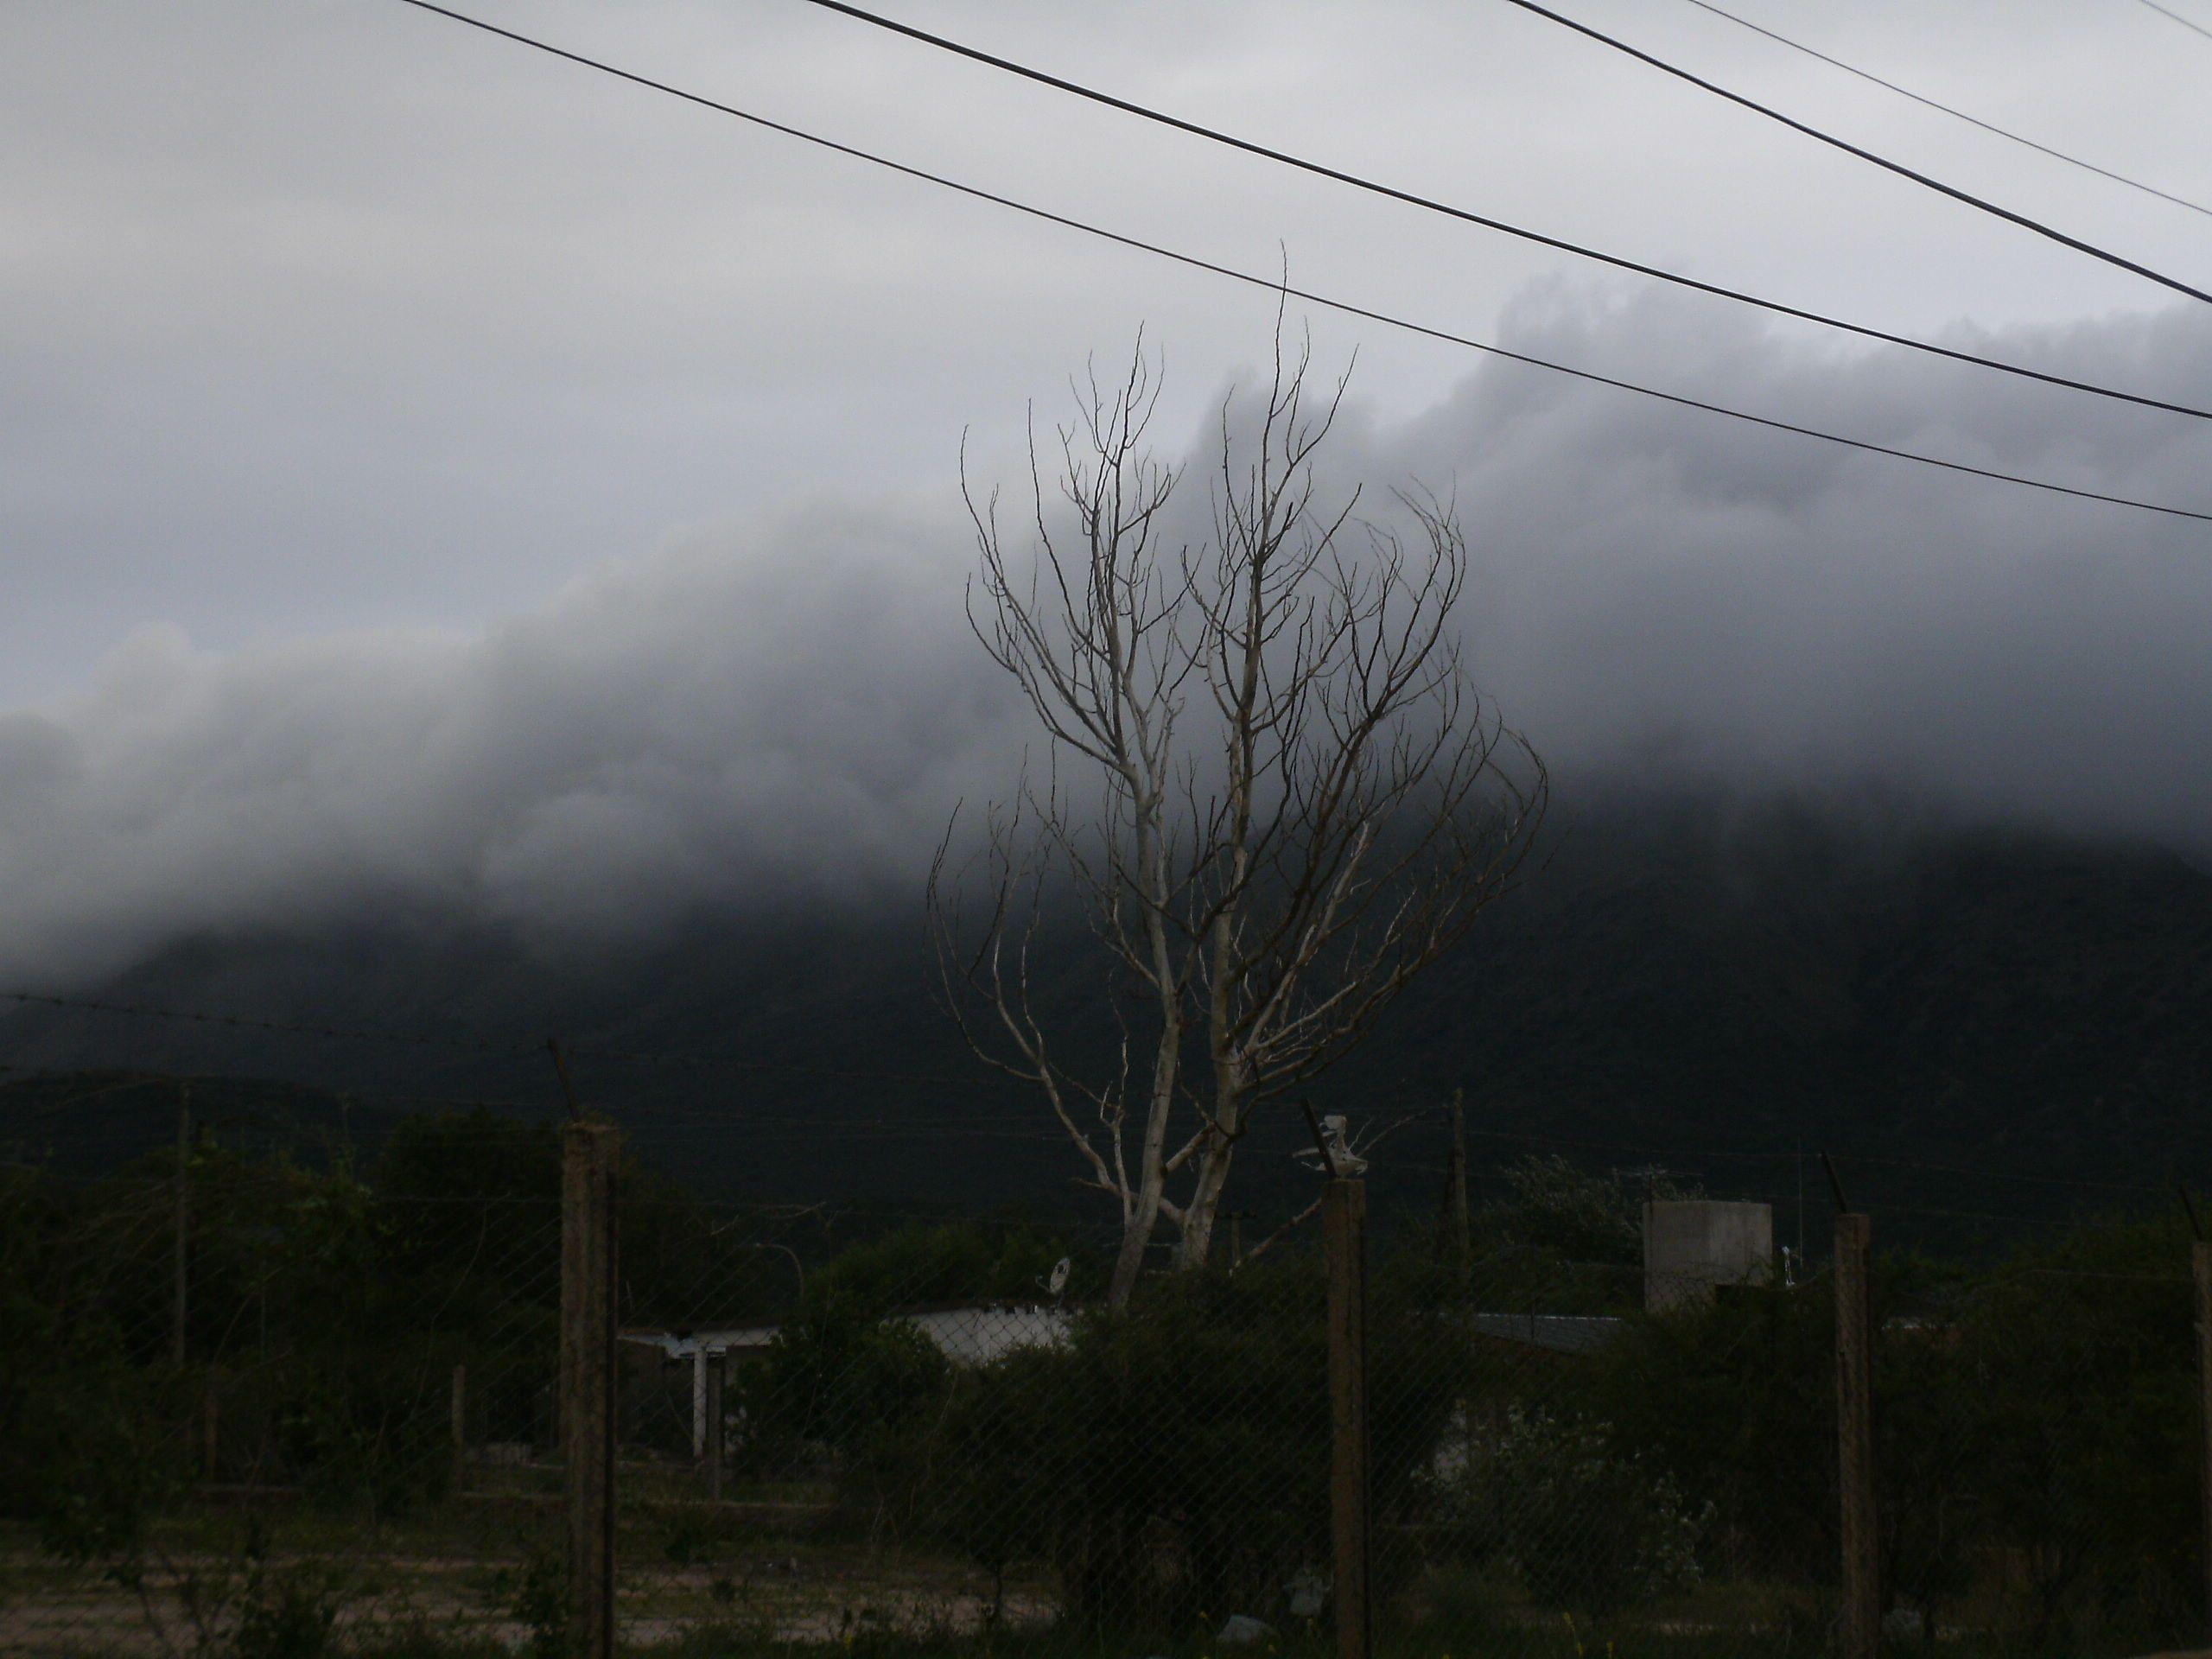 El cerro Uritorco tapado de nubes